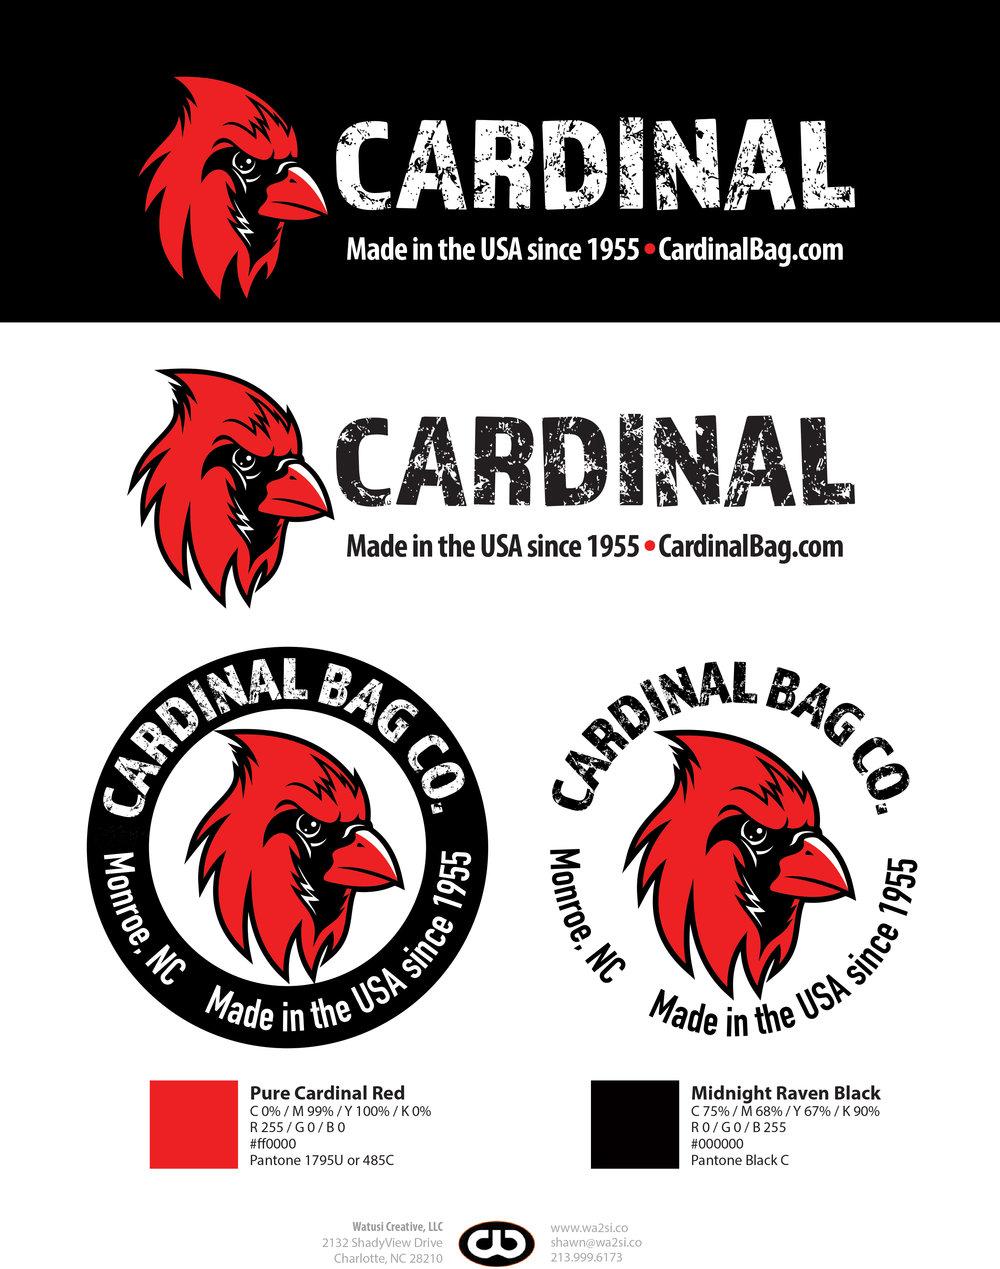 Cardinal-Bag-Co-Logos.jpg